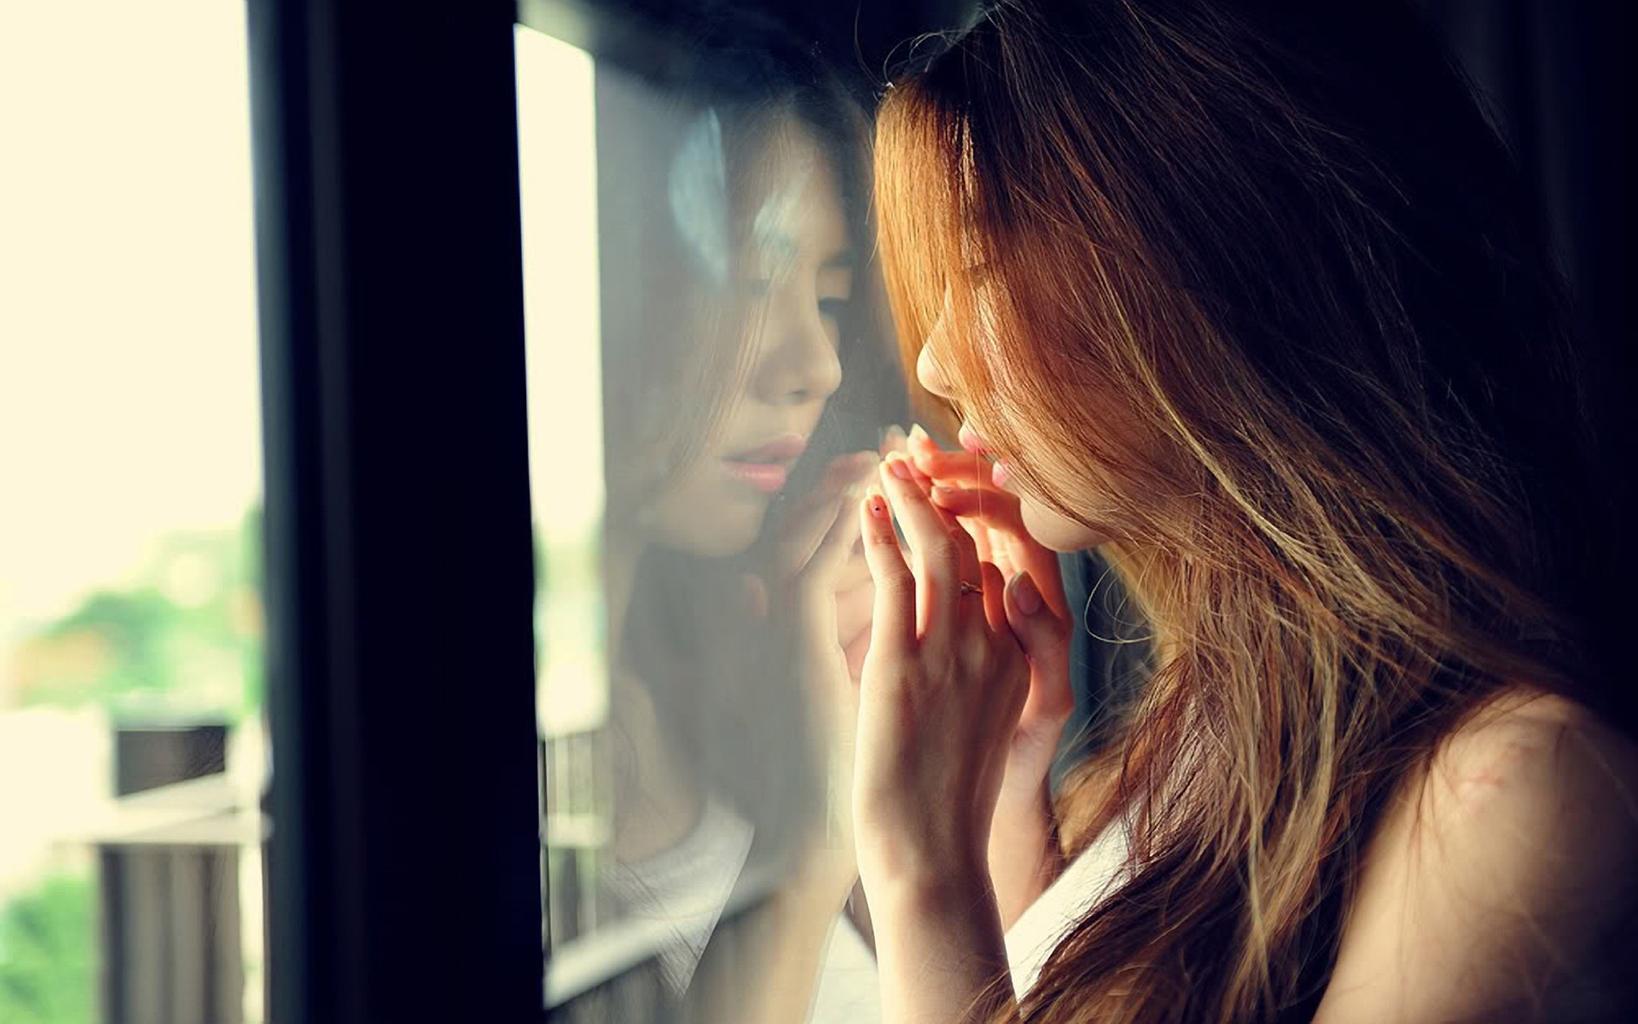 Gửi những kẻ cướp chồng: Đàn ông tốt sẽ không đến lượt em lựa chọn - Ảnh 4